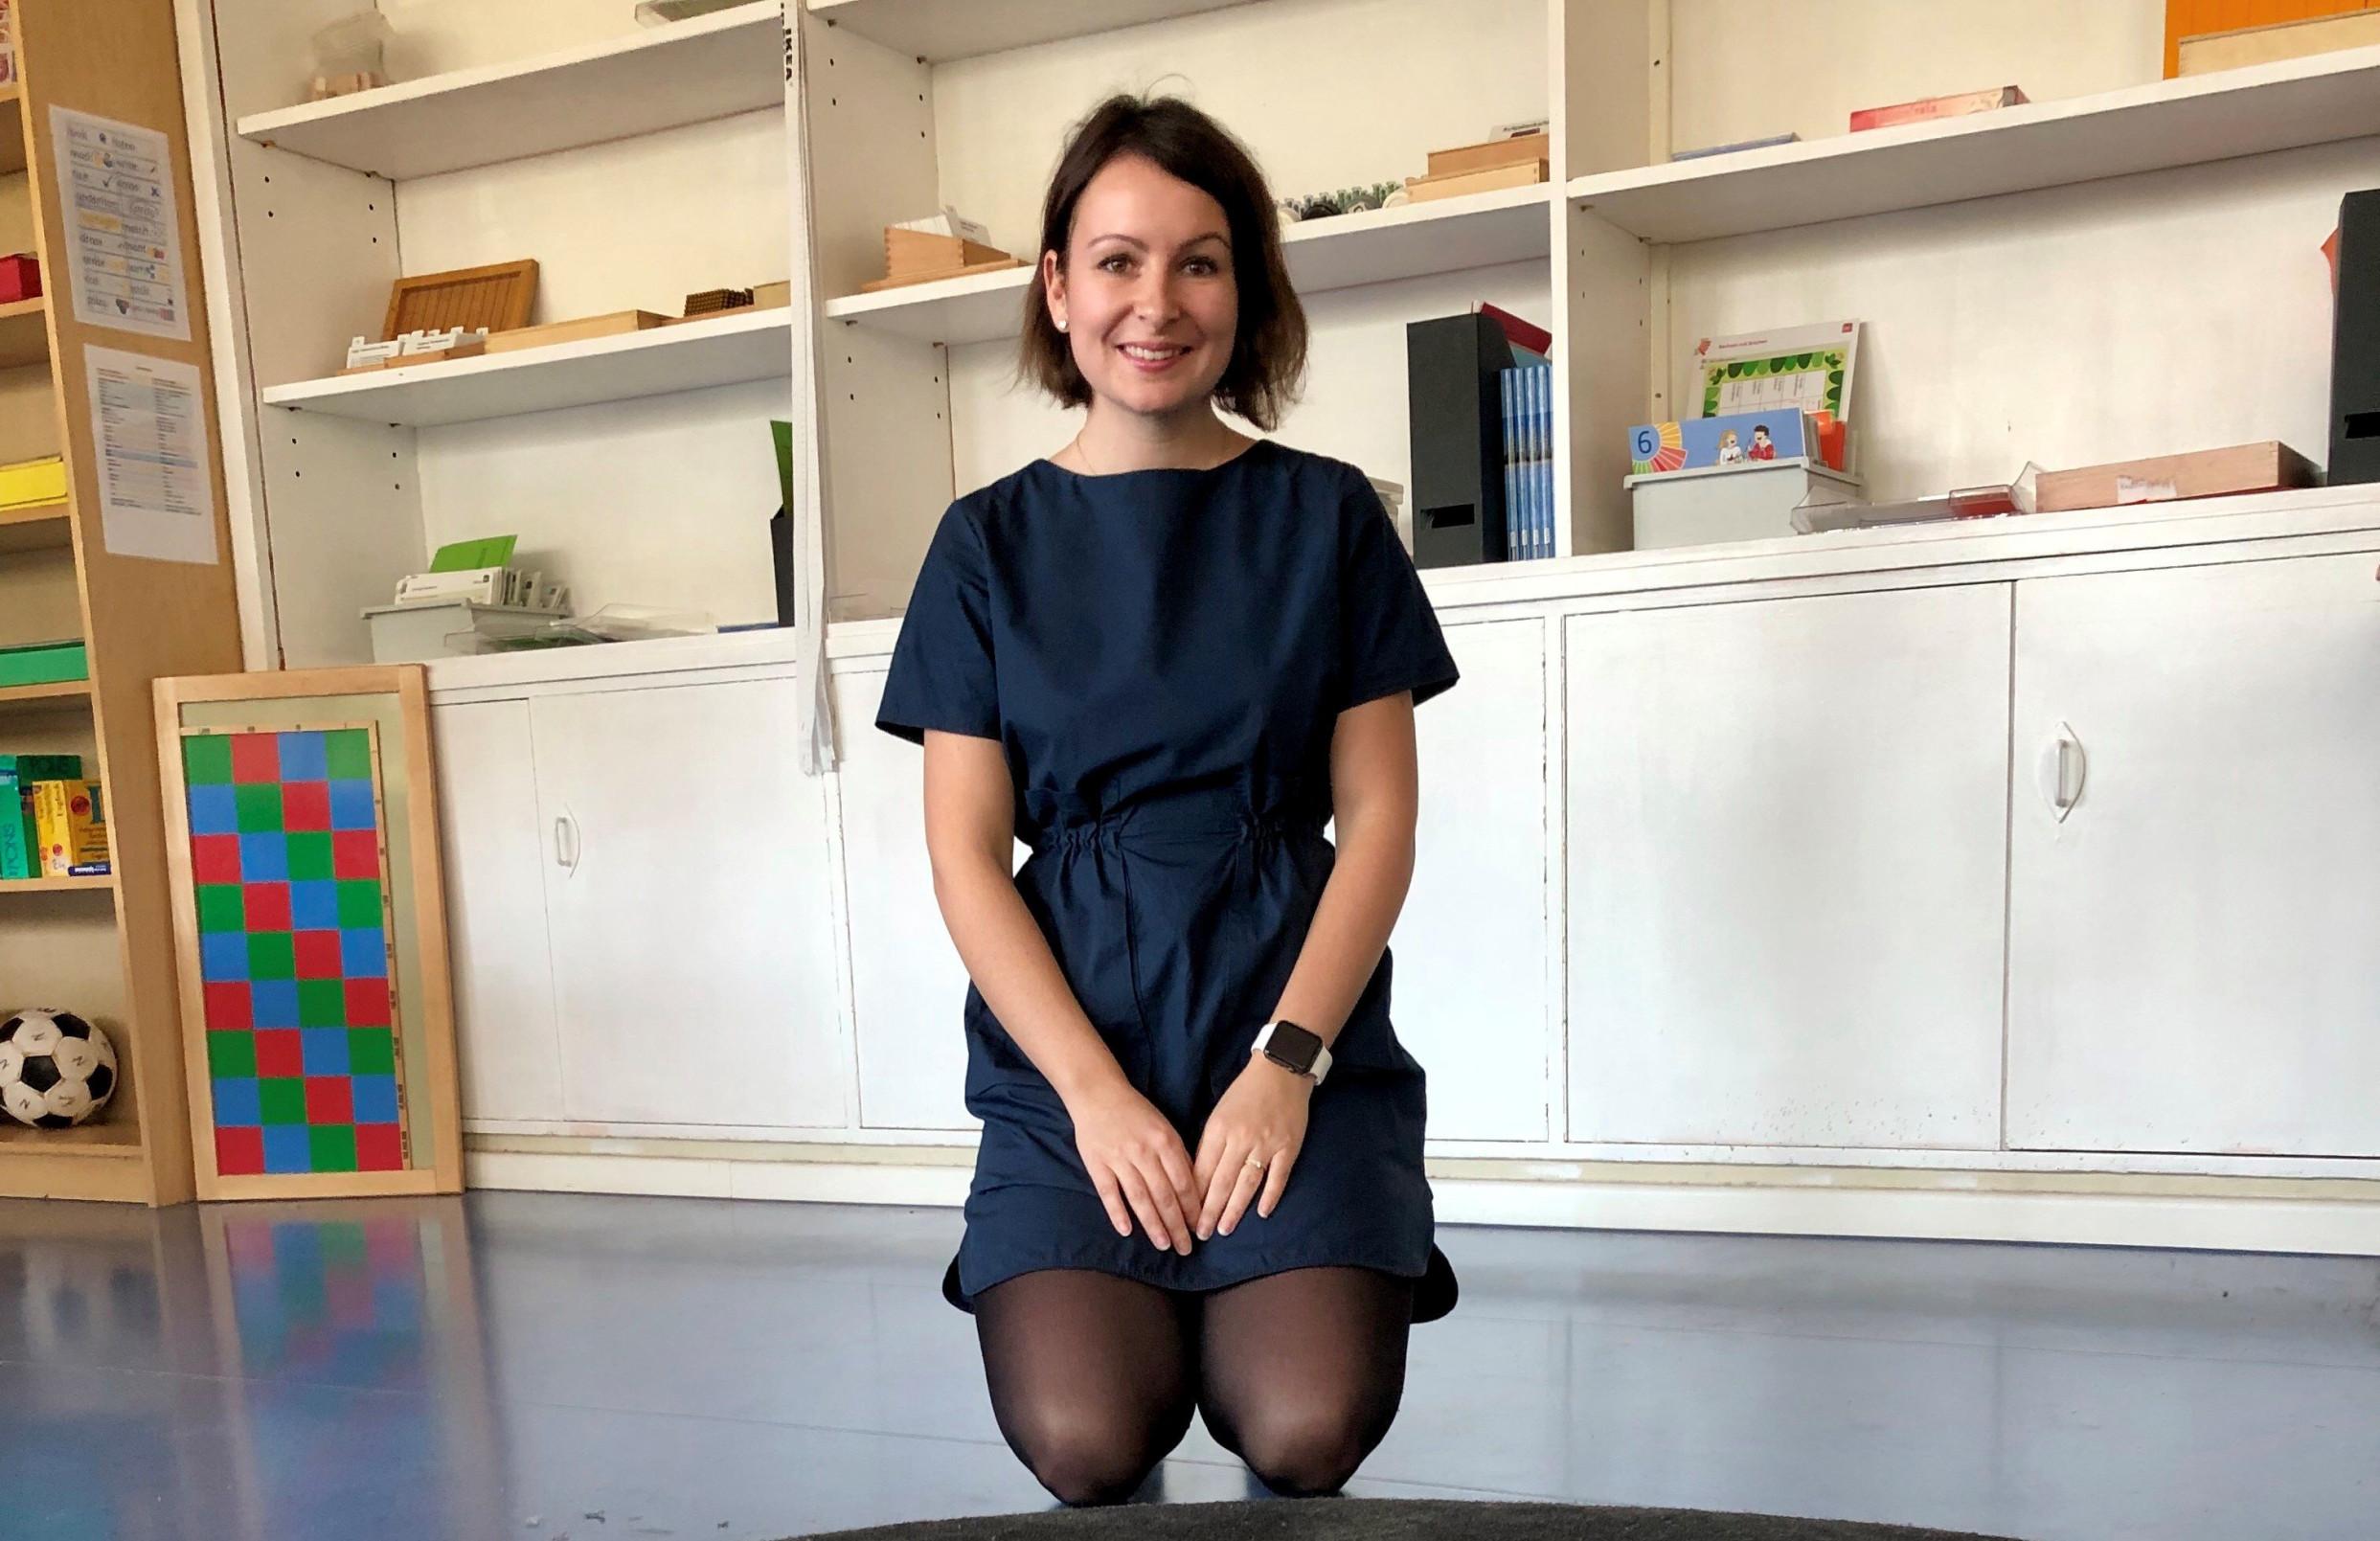 30letá Češka Klára Kunze, která žije v Berlíně od roku 2014 a v současnosti tam pracuje jako učitelka na základní škole. Foto: Veronika Jonášová